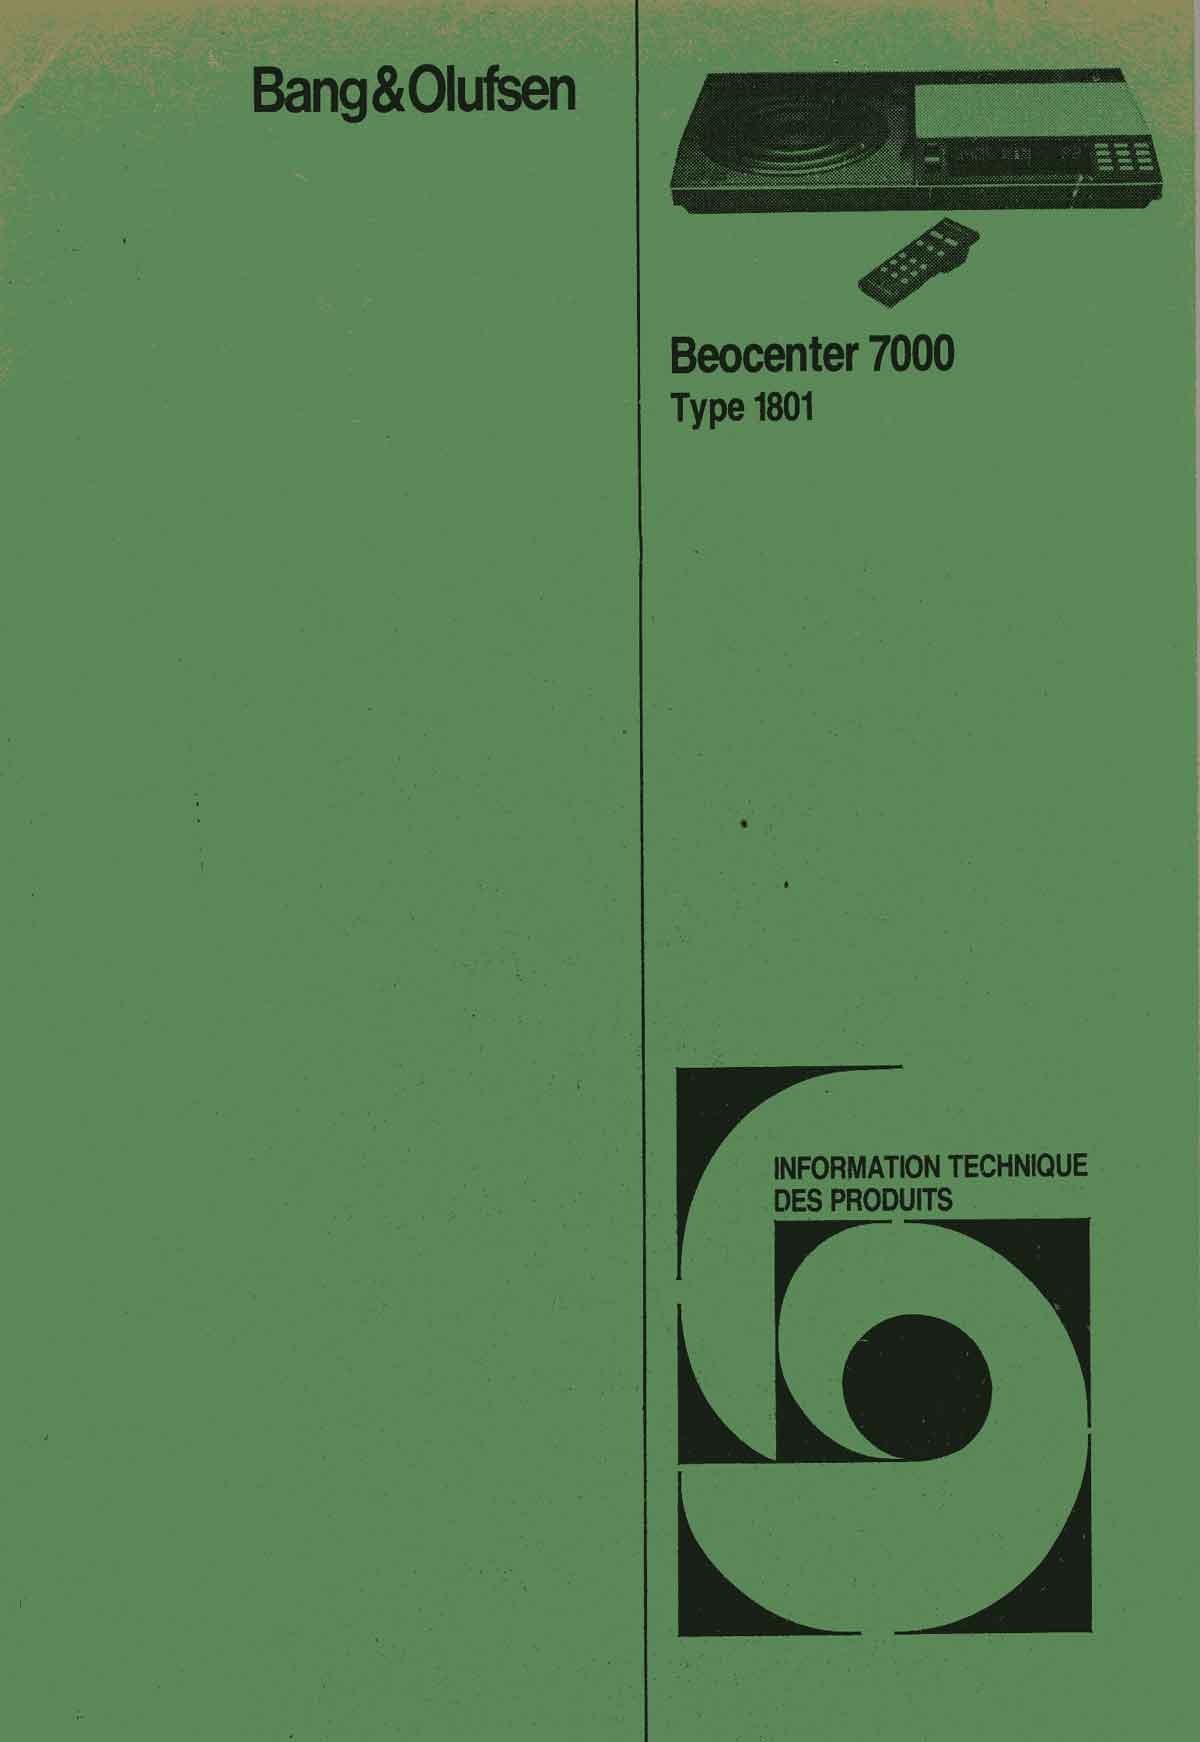 Beocenter 7000 tipe1801.pdf